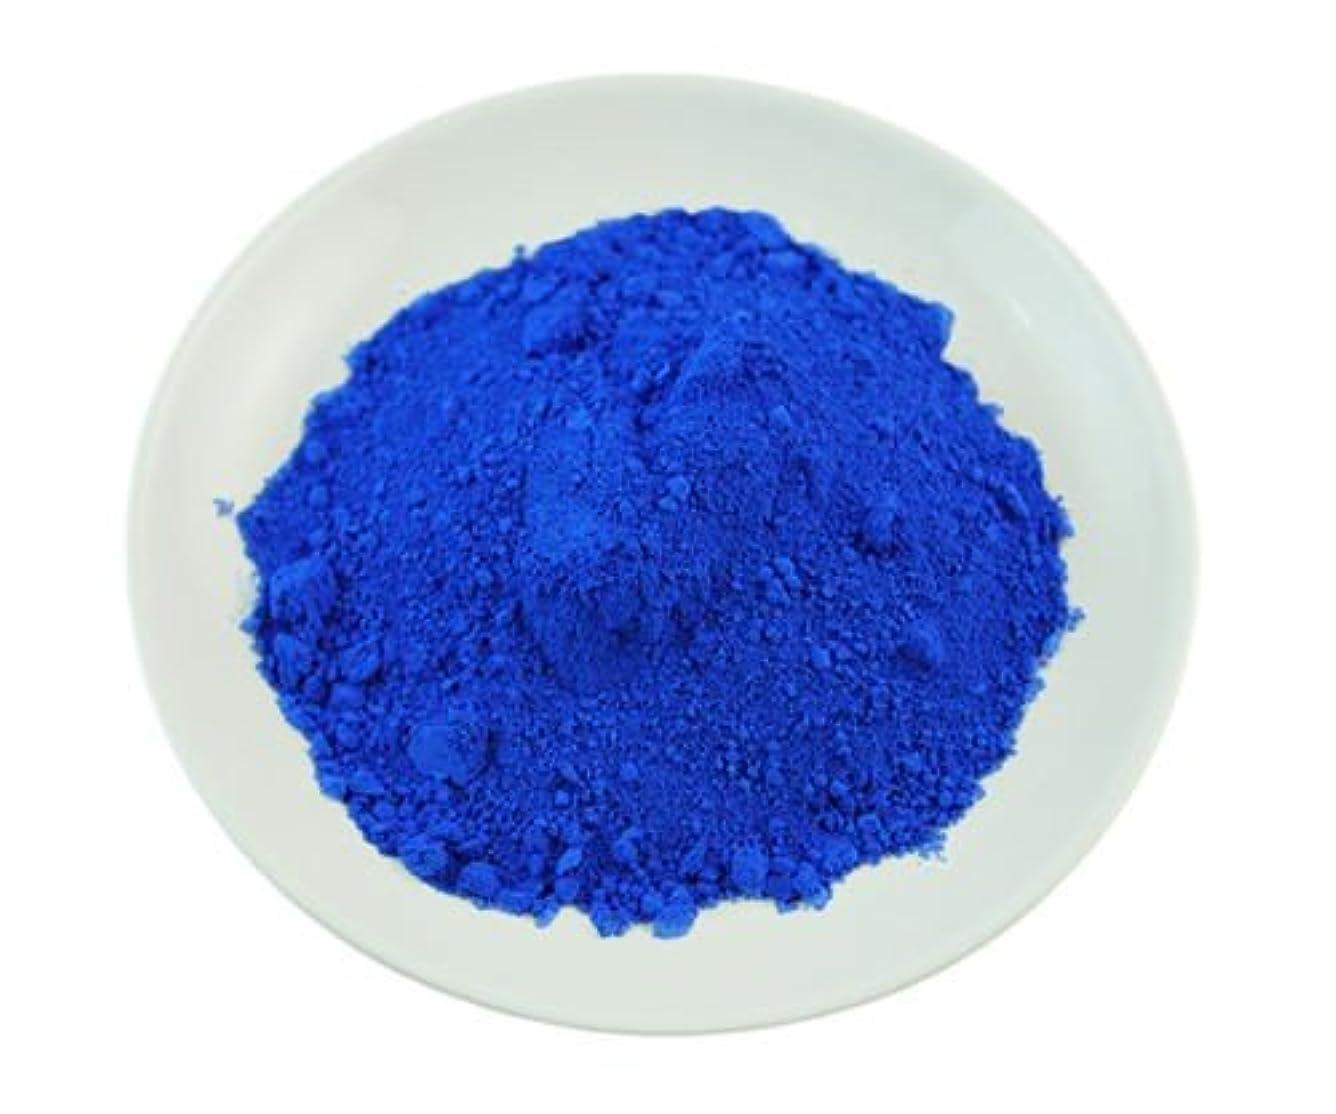 ソビエトマウント入場Ultramarine Blue Pigment Oxide Mineral Powder 25g